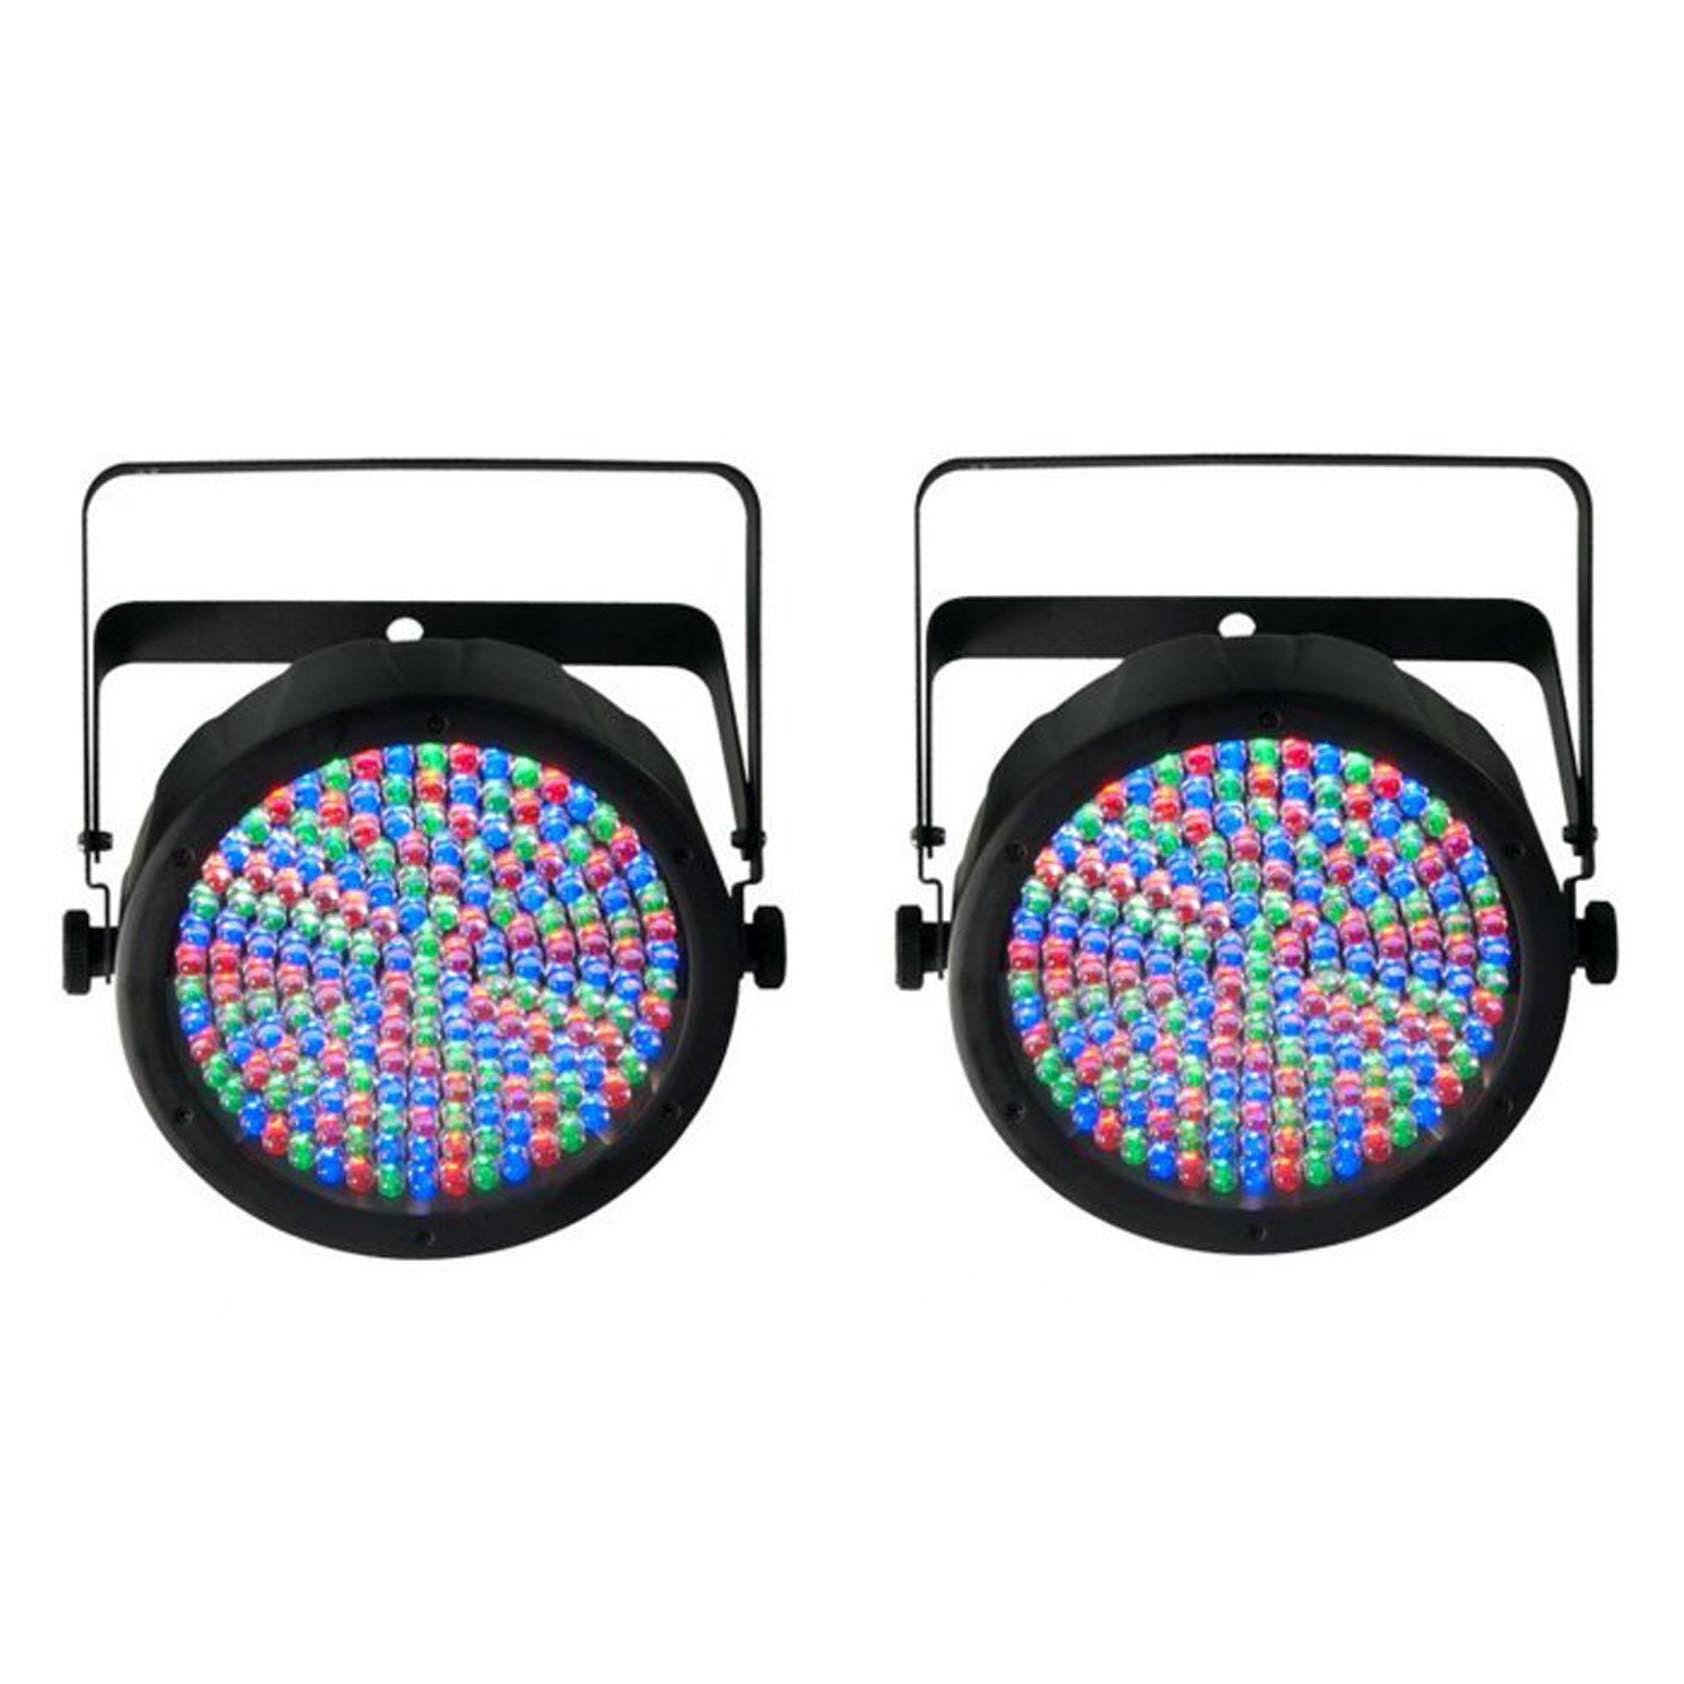 (2) Chauvet SlimPar 64 LED DMX Slim Par Can Stage Pro DJ RGB Lighting Effects by Chauvet Dj